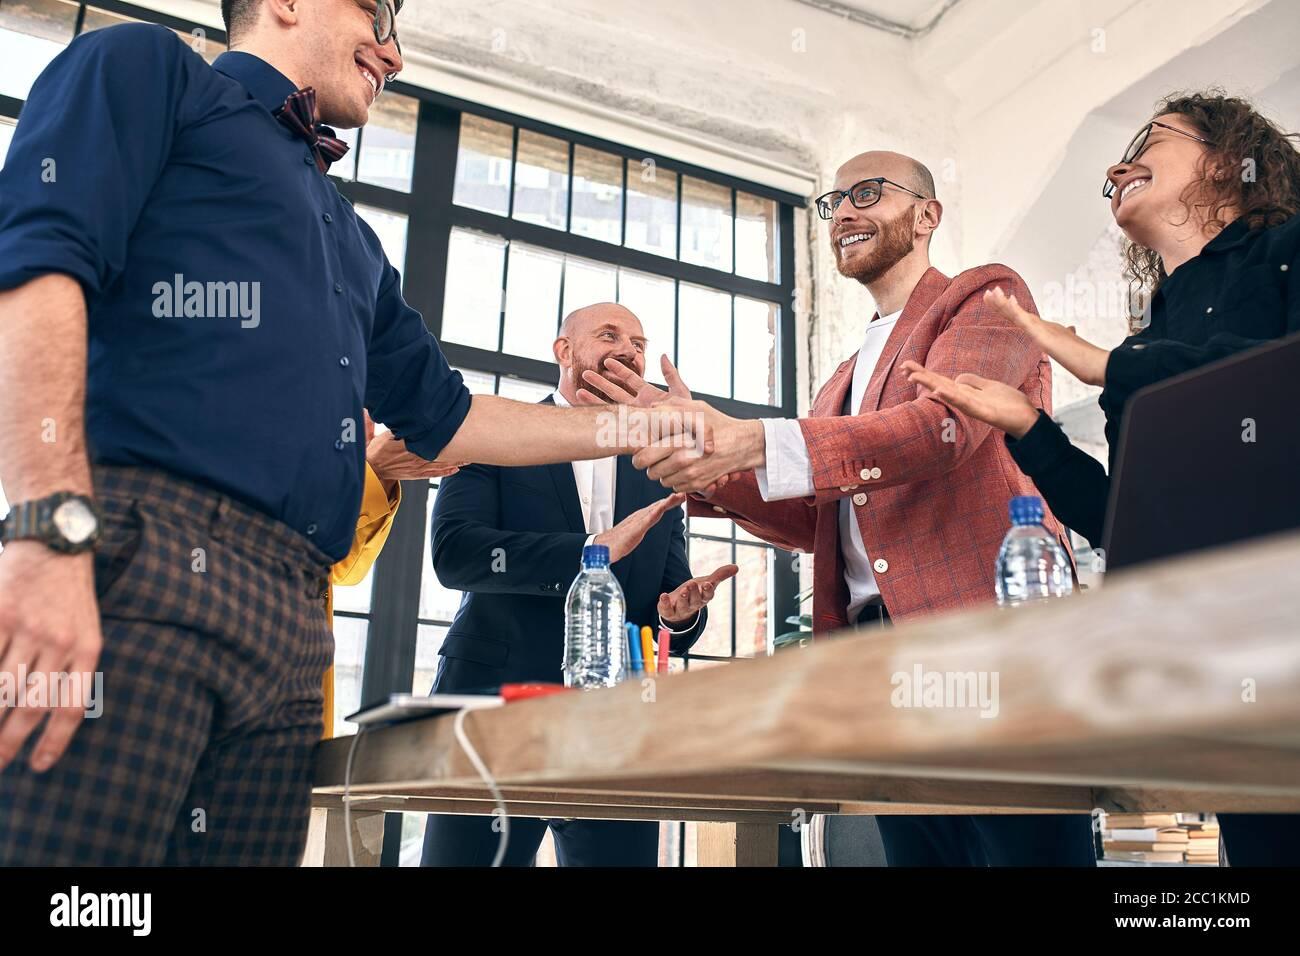 Poignée de main de l'entreprise lors d'une réunion ou d'une négociation au bureau. Les partenaires sont satisfaits parce qu'ils signent un contrat ou des documents financiers. Attention sélective Banque D'Images